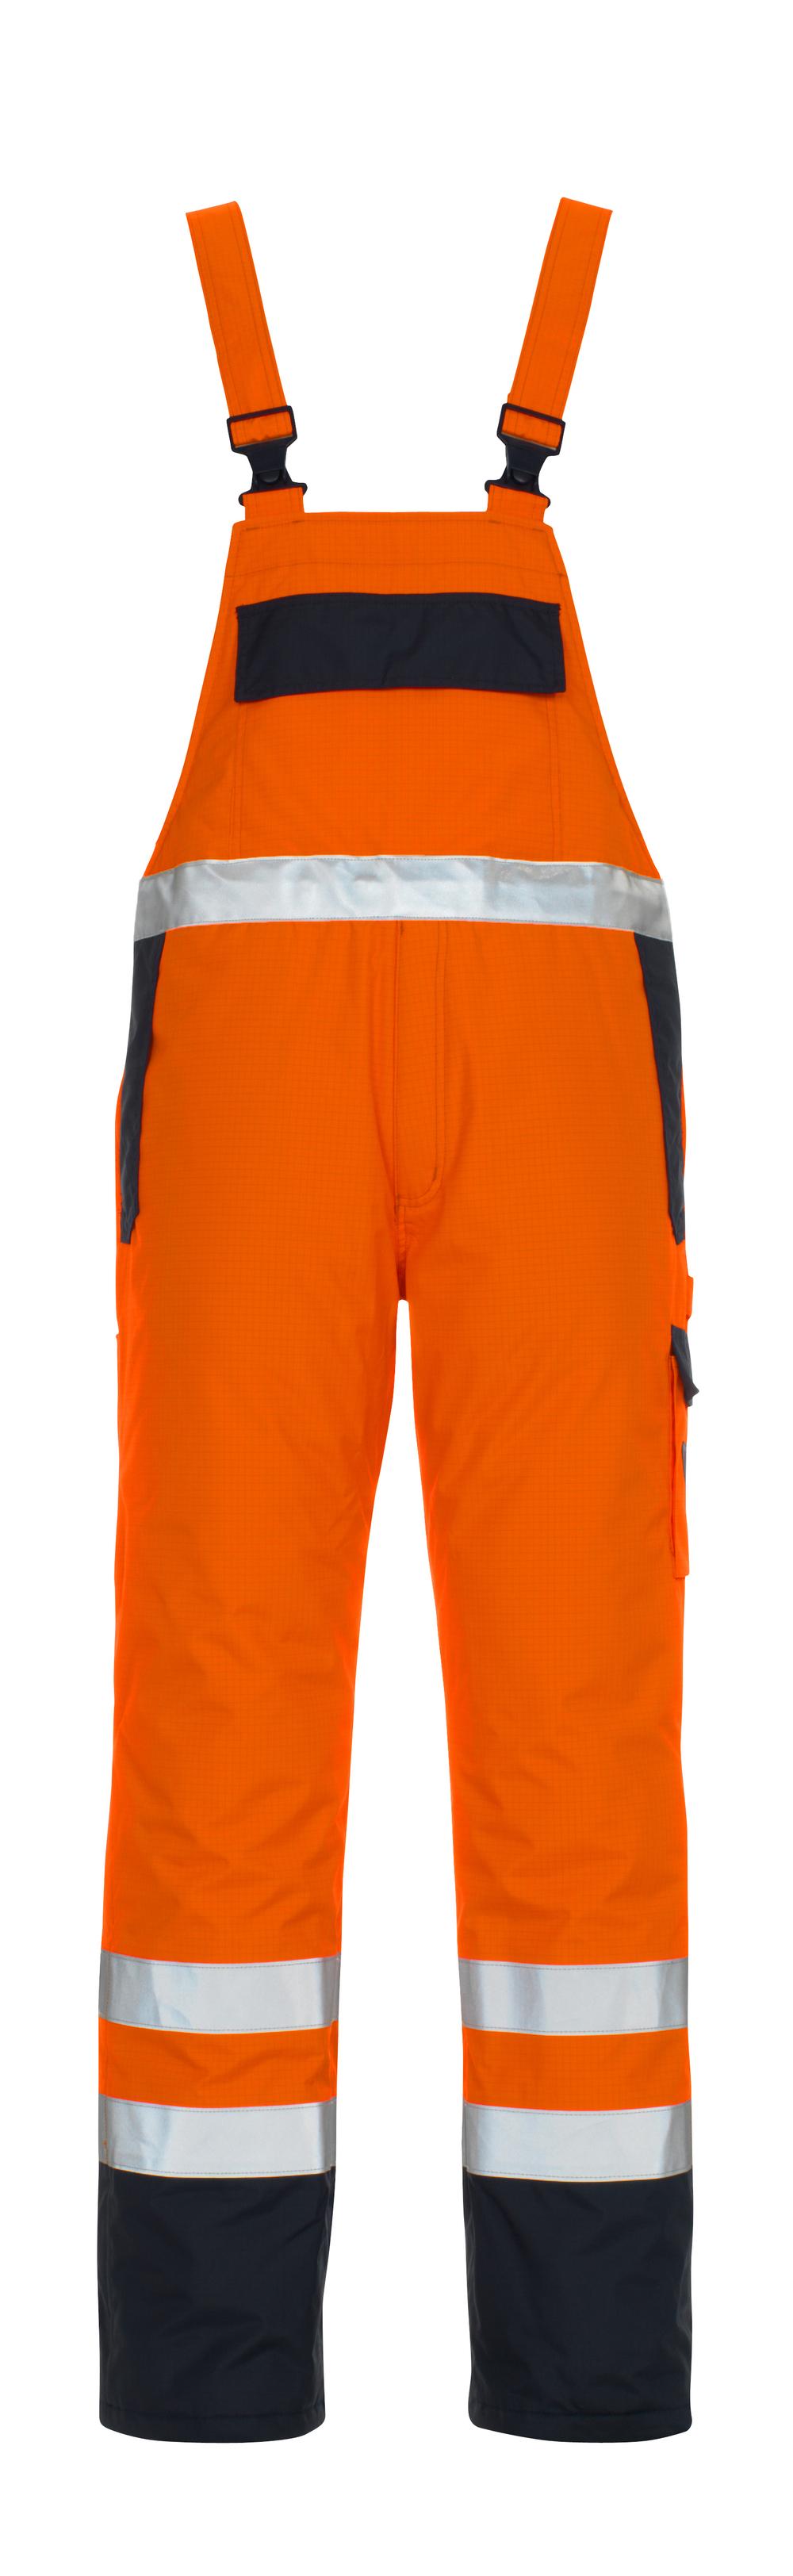 05192-064-141 Avosuoja - hi-vis oranssi/tummansininen